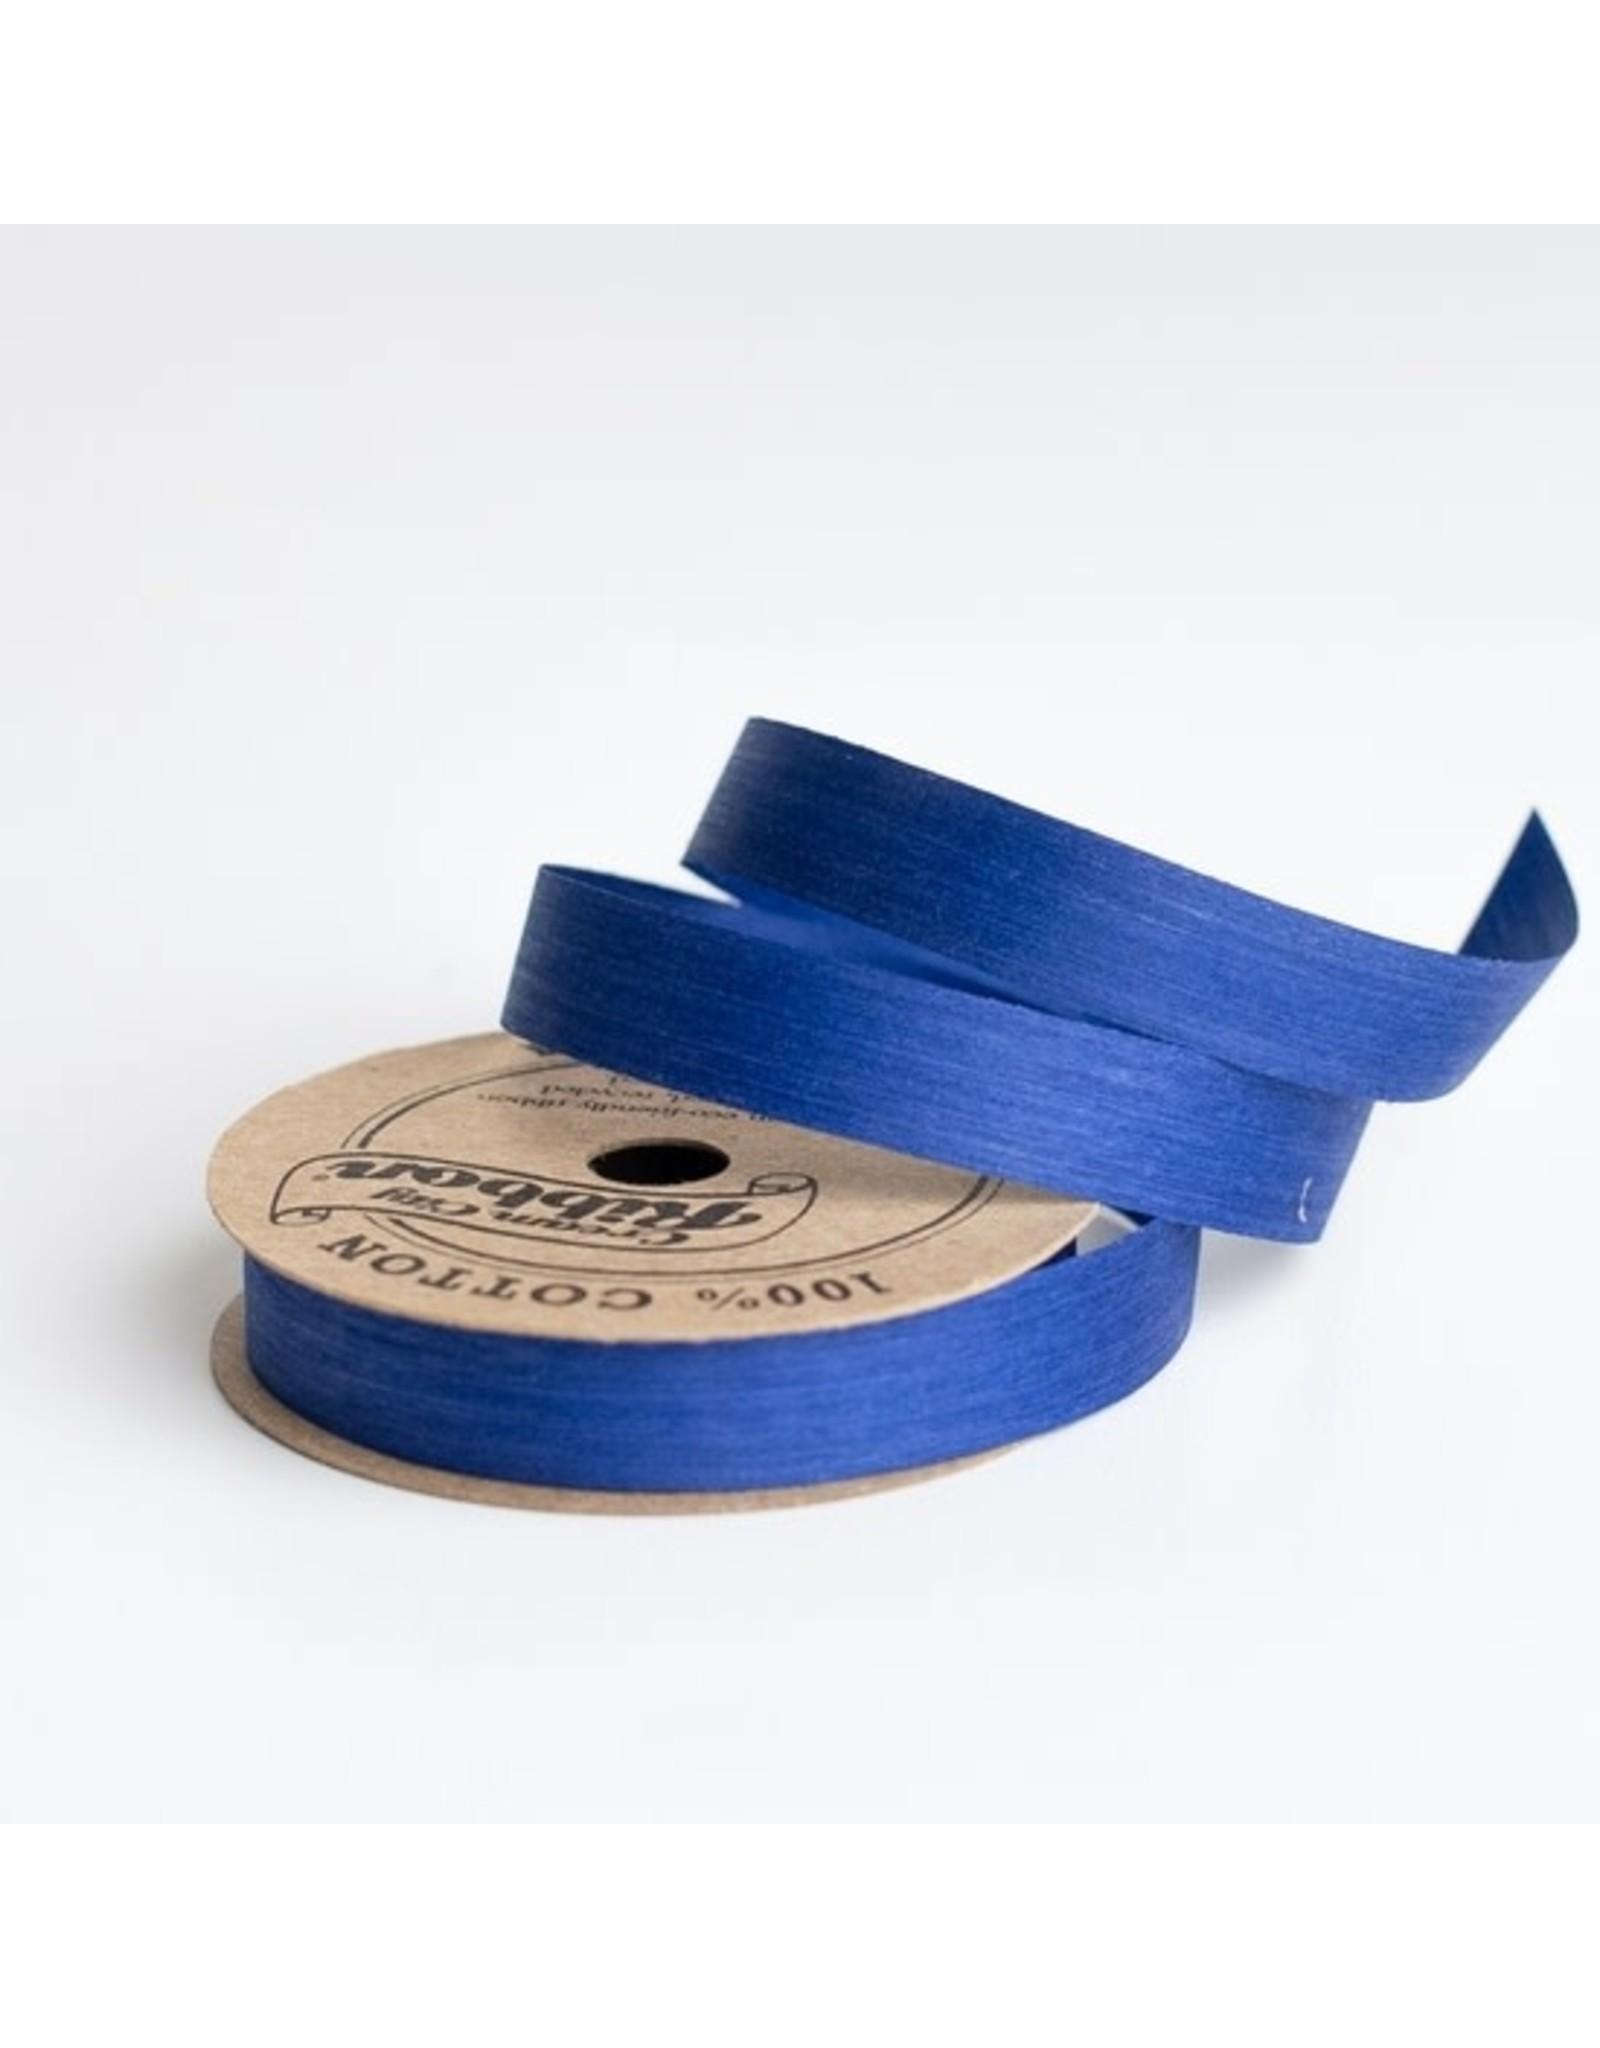 Ribbon - Midnight Blue